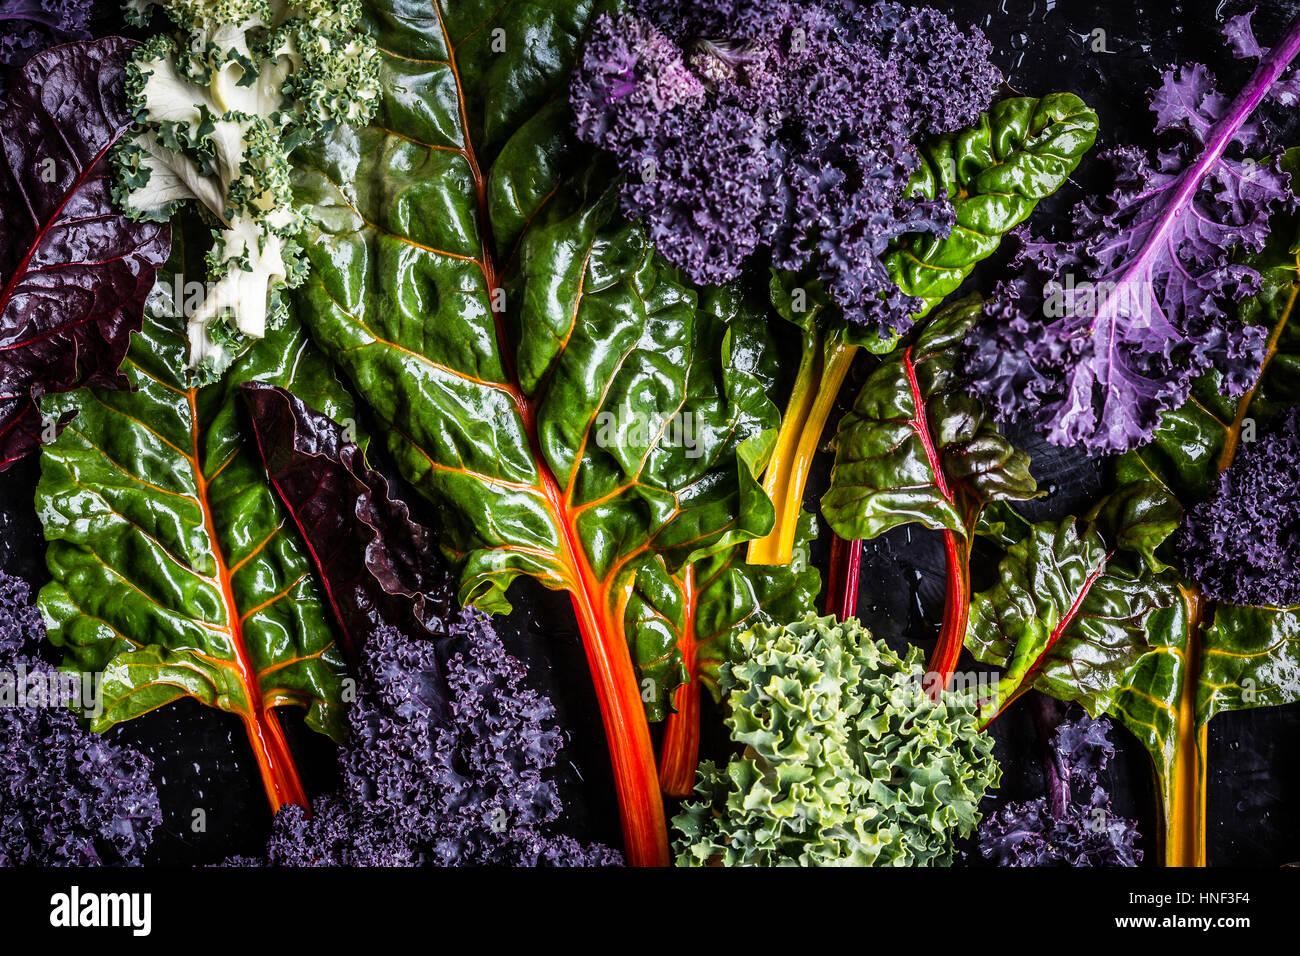 Frisch geerntete Kale Gemüsesorten Stockbild